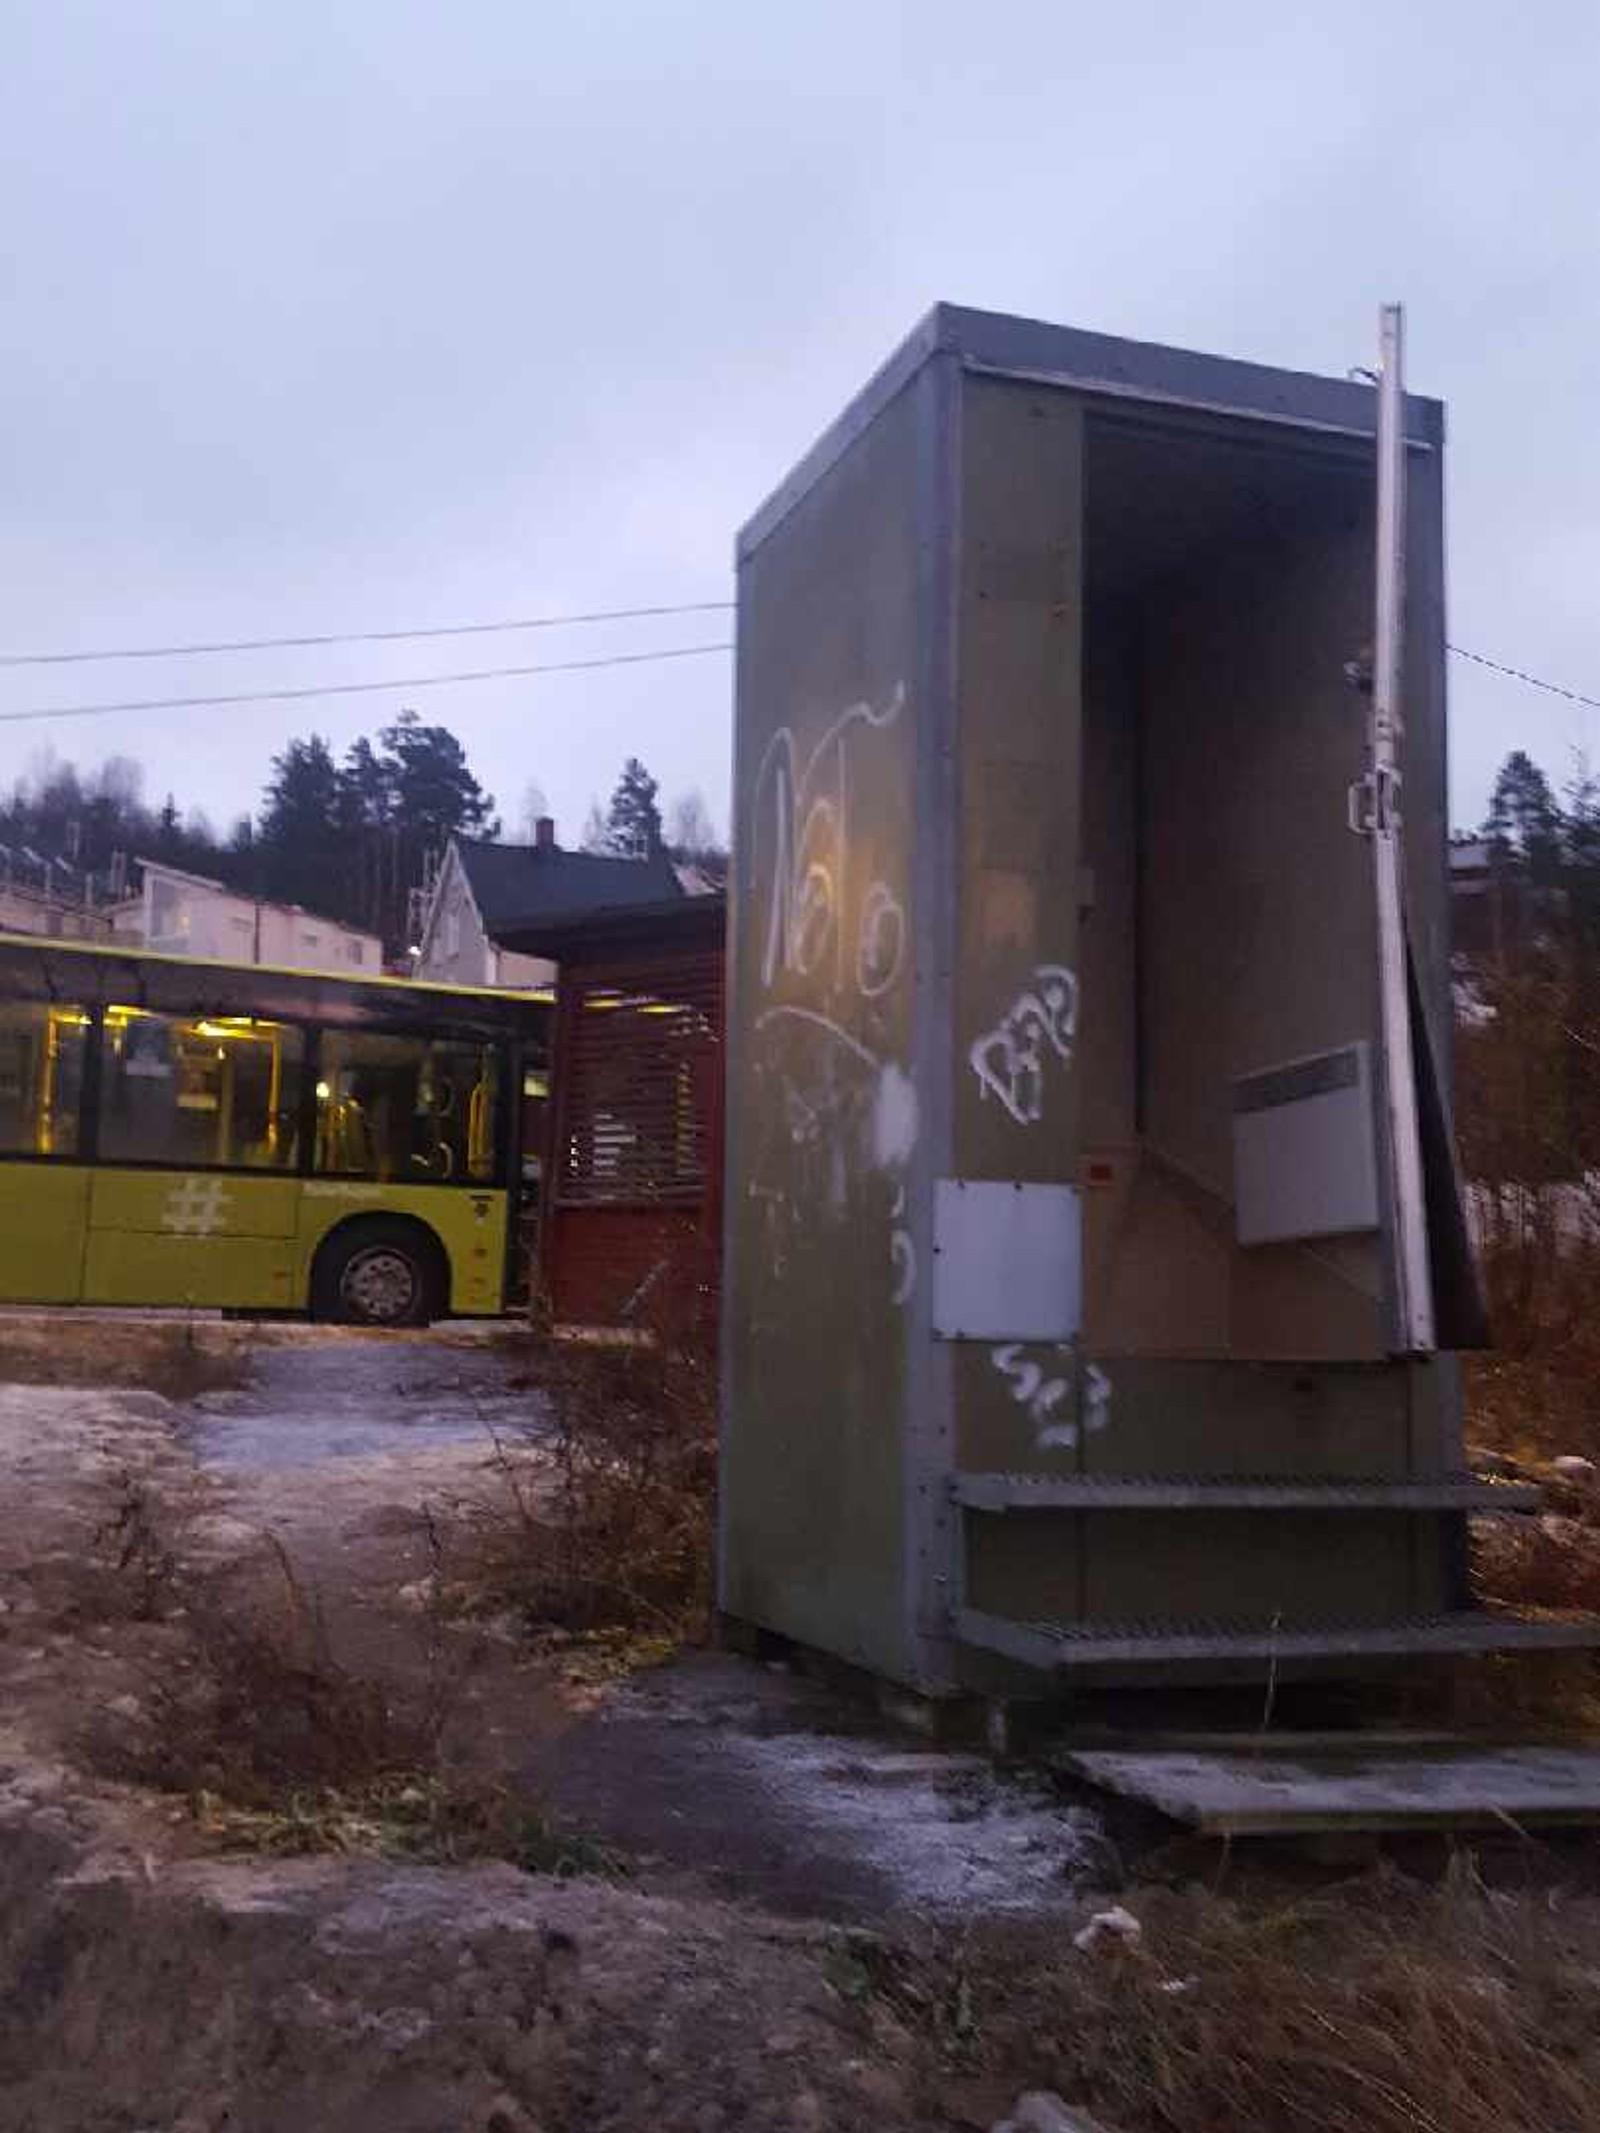 Døra er øydelagt og kan ikkje låsast på campingtoalettet i Nittedal i Akershus.